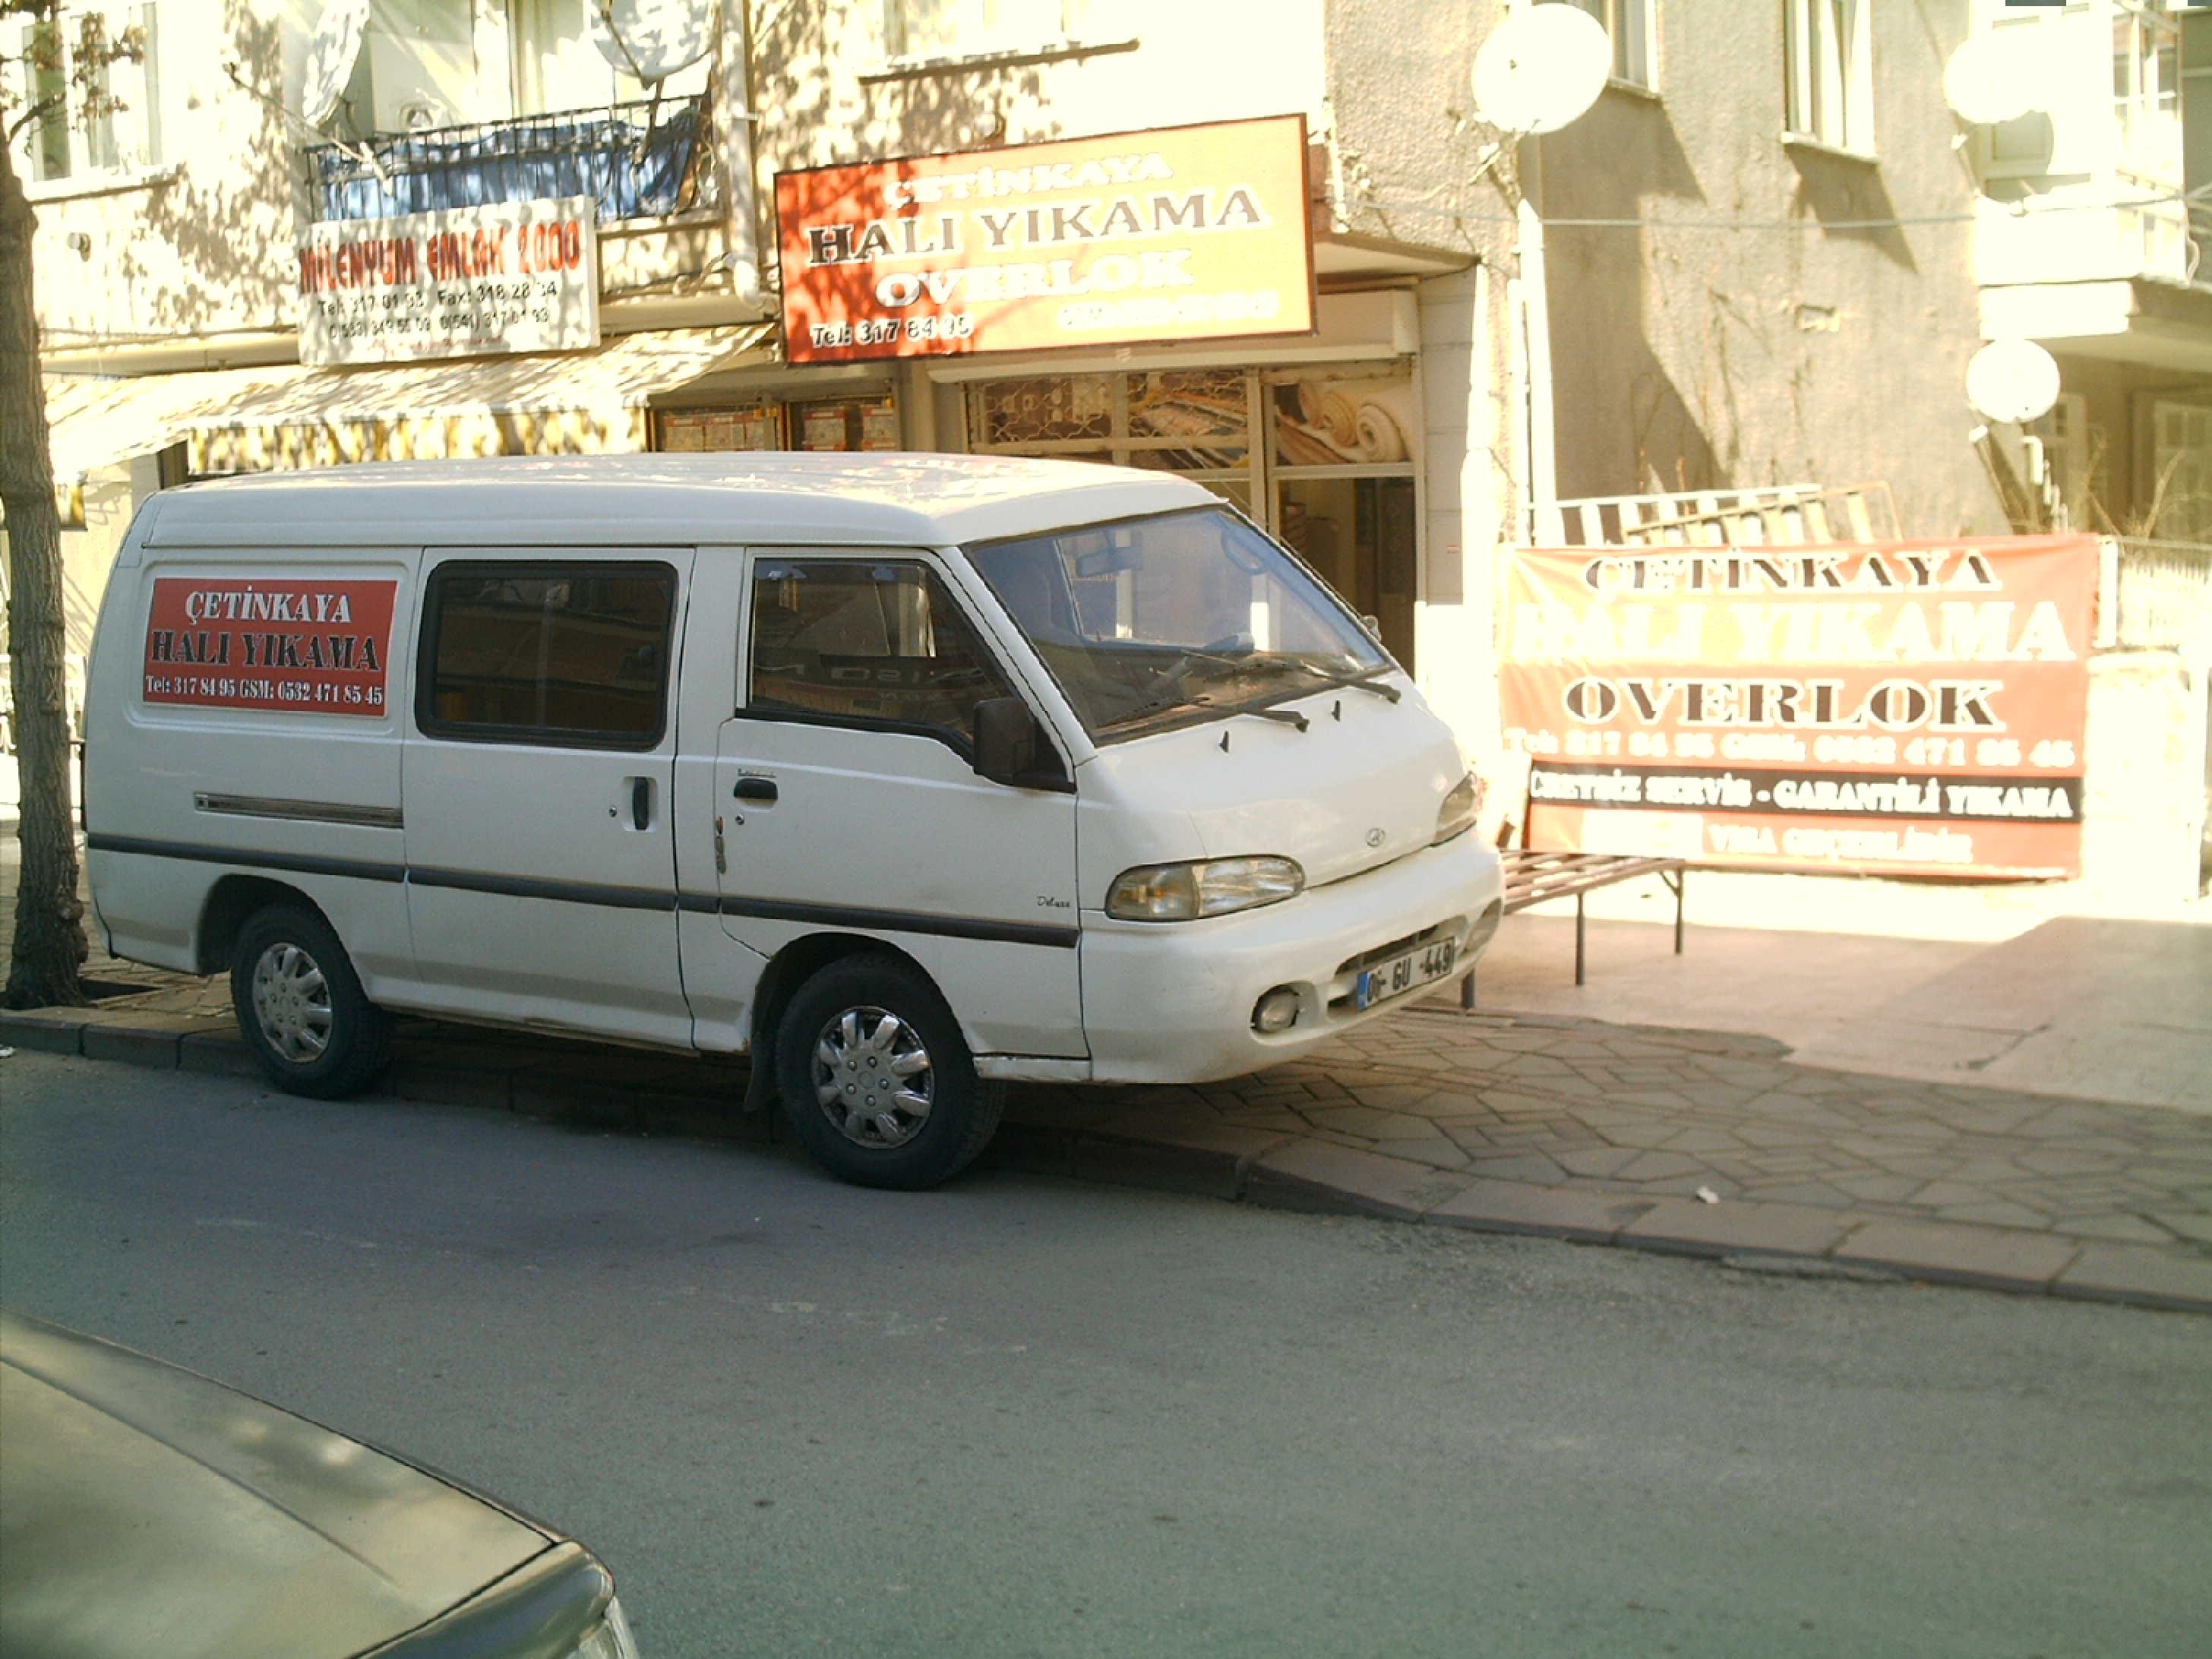 gümüşdere_yikama_servis-1 (1)